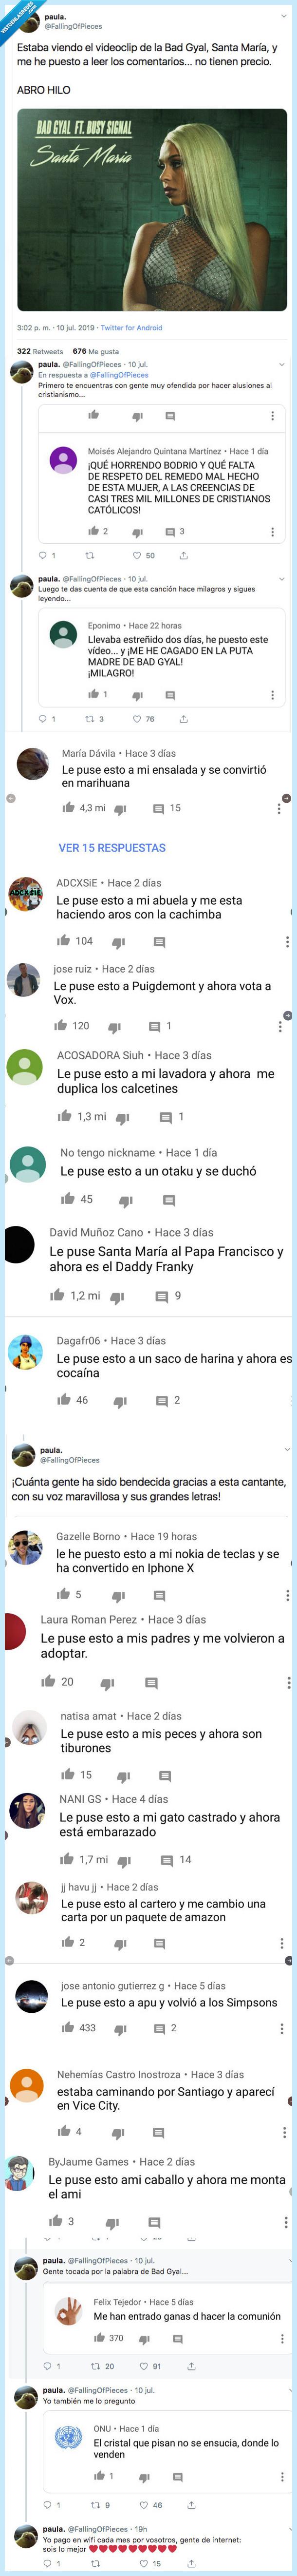 521838 - Bad Gyal estrena Santa María y los comentarios del vídeo son muchísmo mejor que la propia cancion